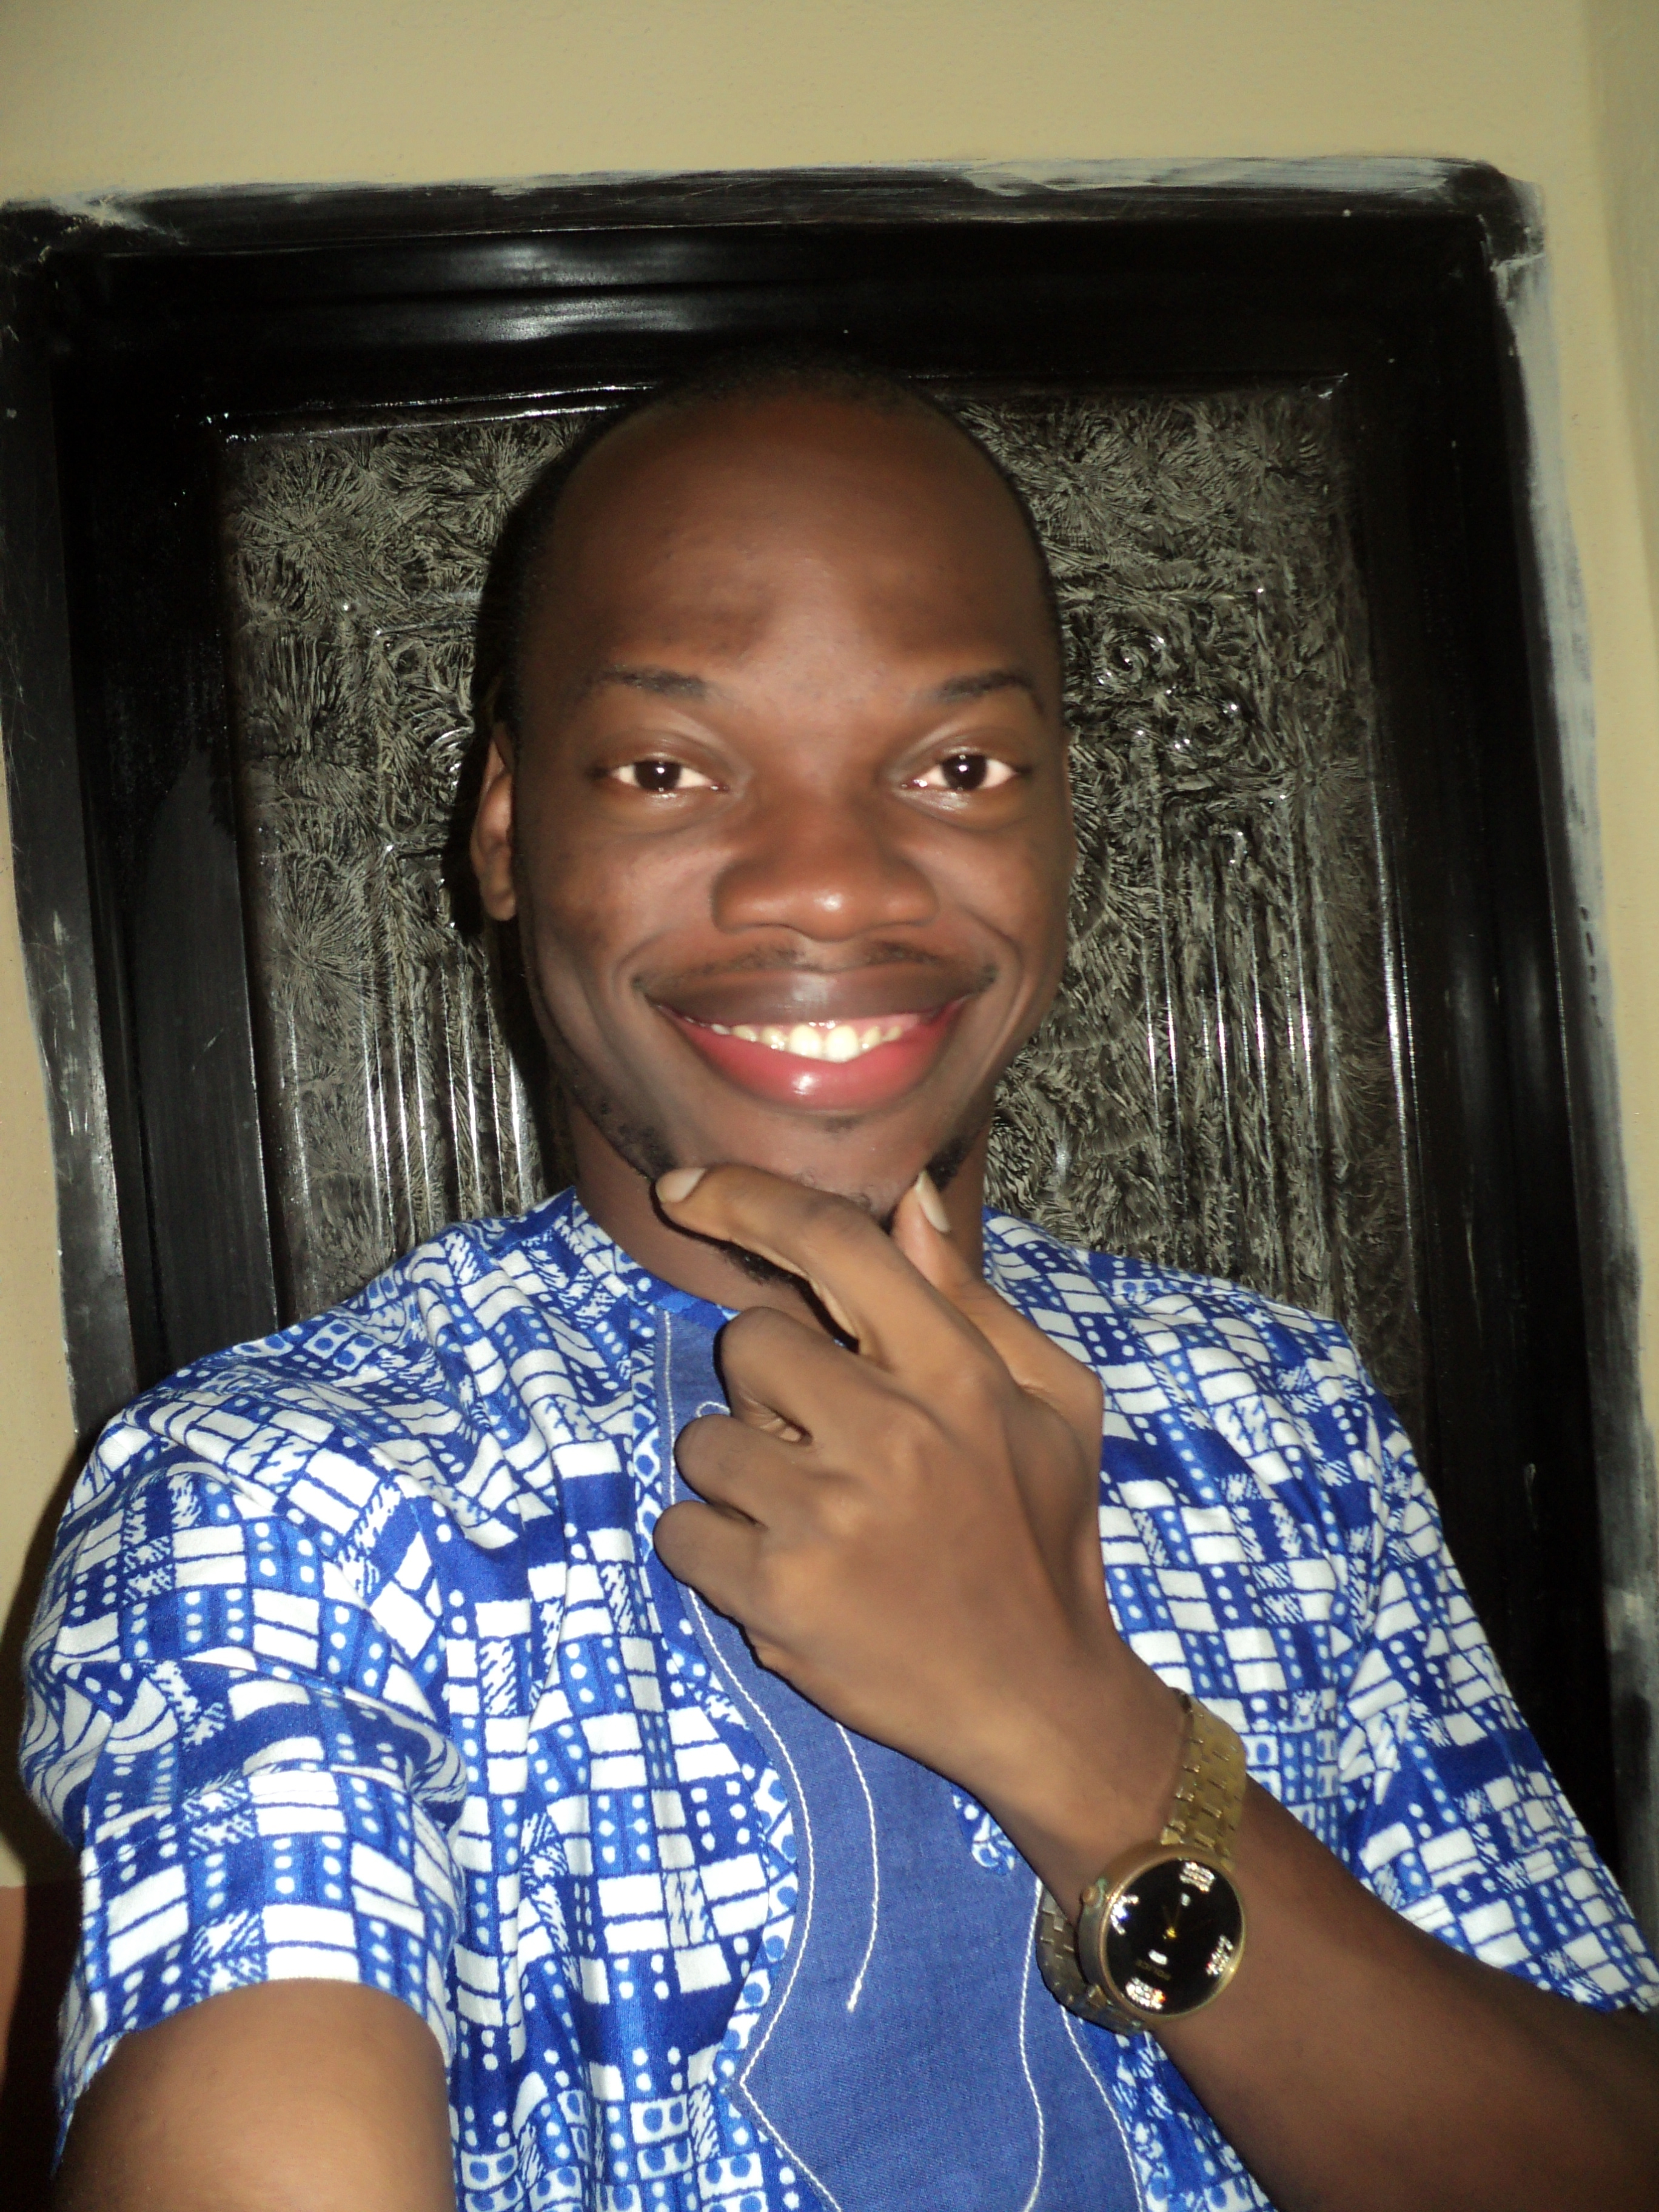 Onyedikachukwu George Nnadozie